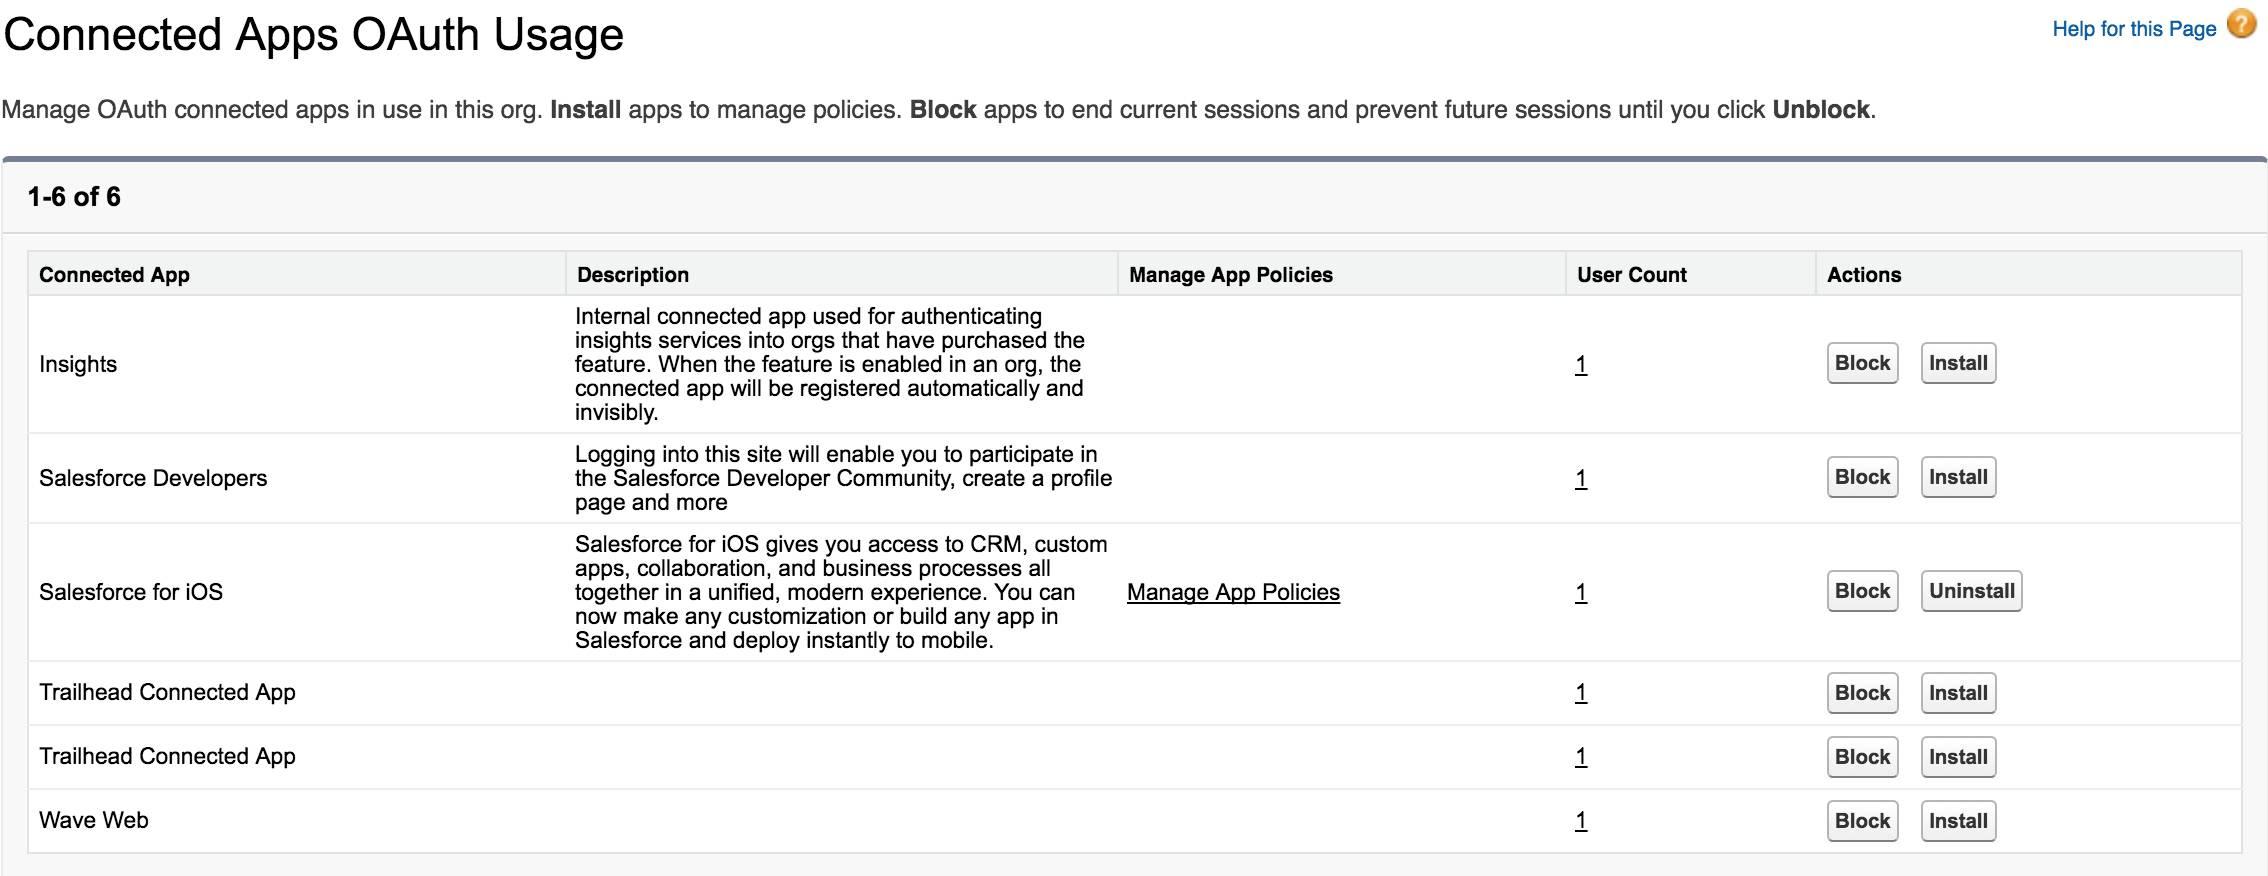 Captura de tela do uso de OAuth em aplicativos conectados